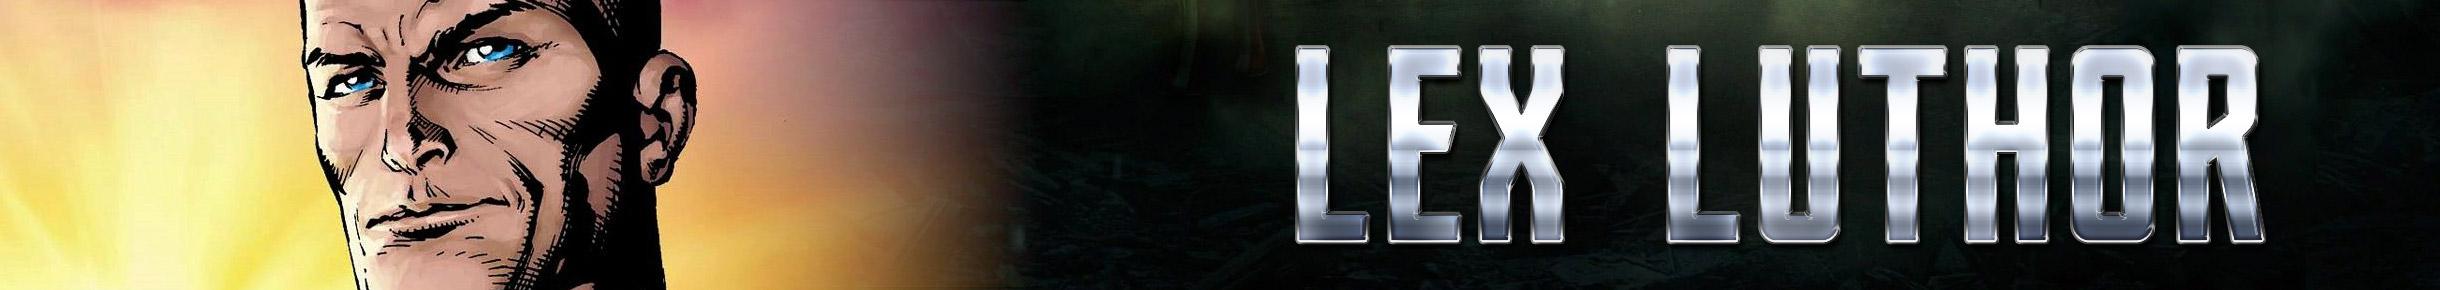 Lex Luthor Merchandise Banner